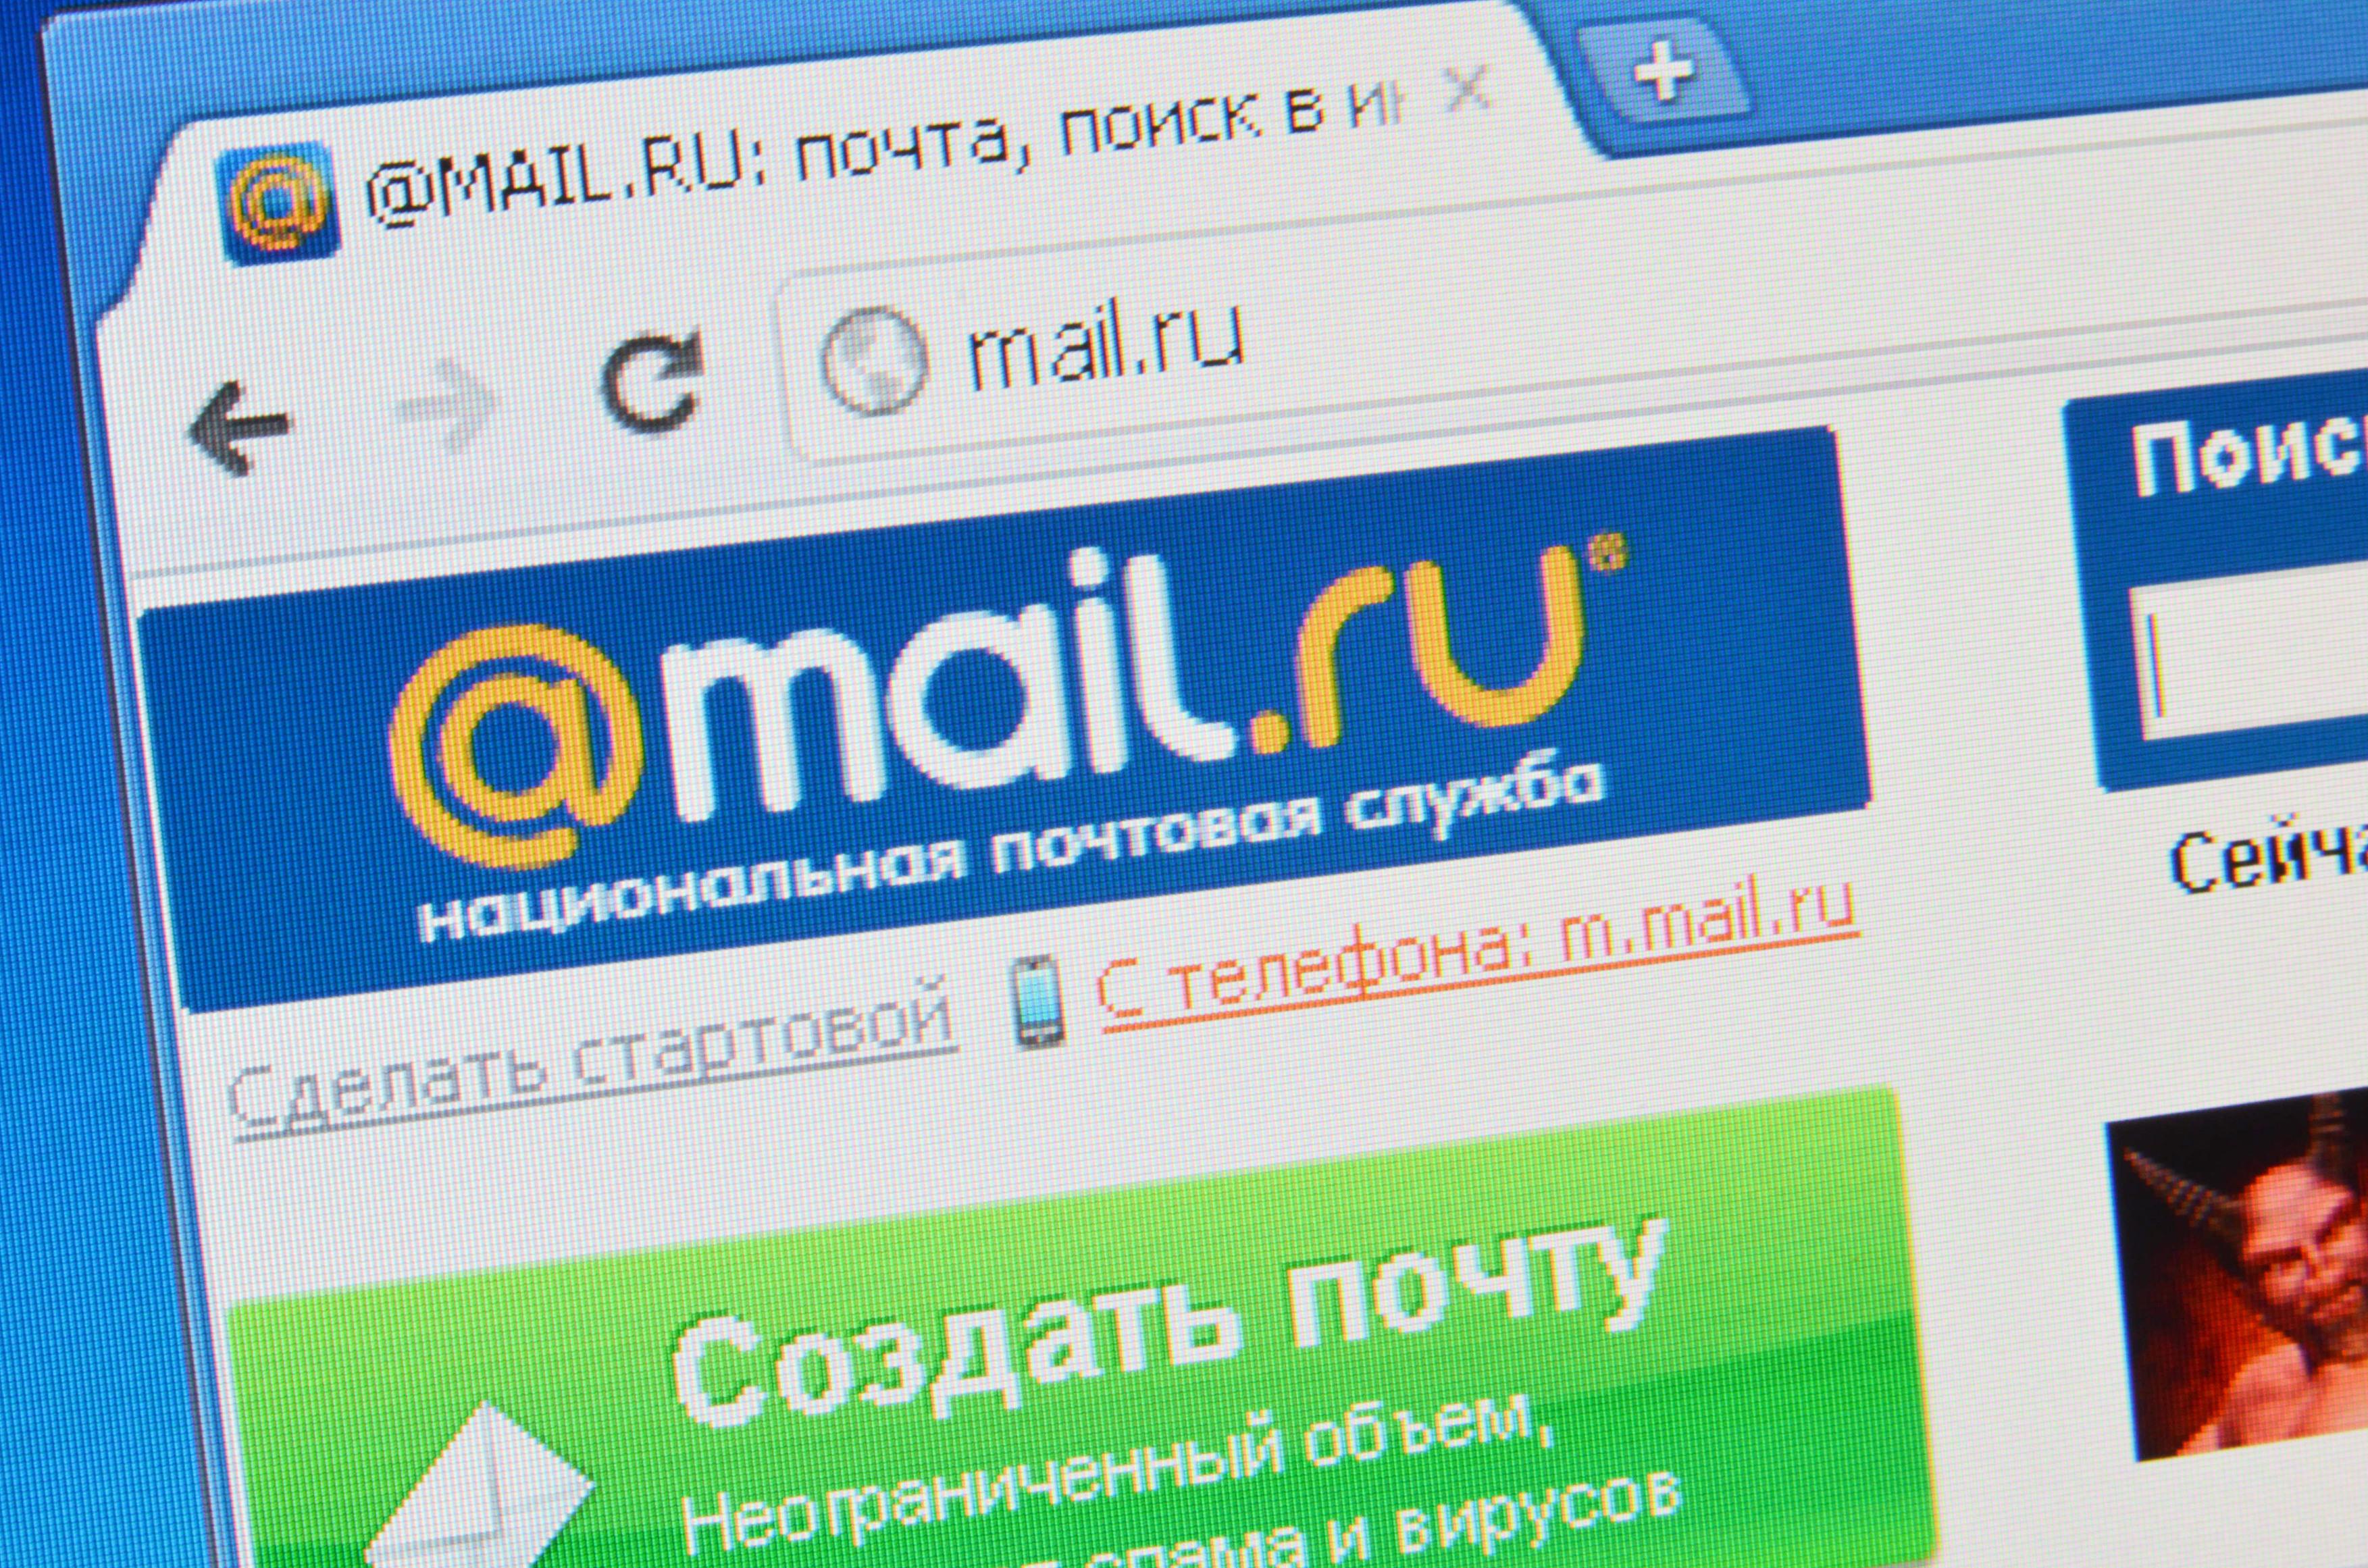 Ruští poslanci schválili v prvním čtení zákon, který umožní odpojit ruskou část internetu – takzvaný Runet - od globální sítě